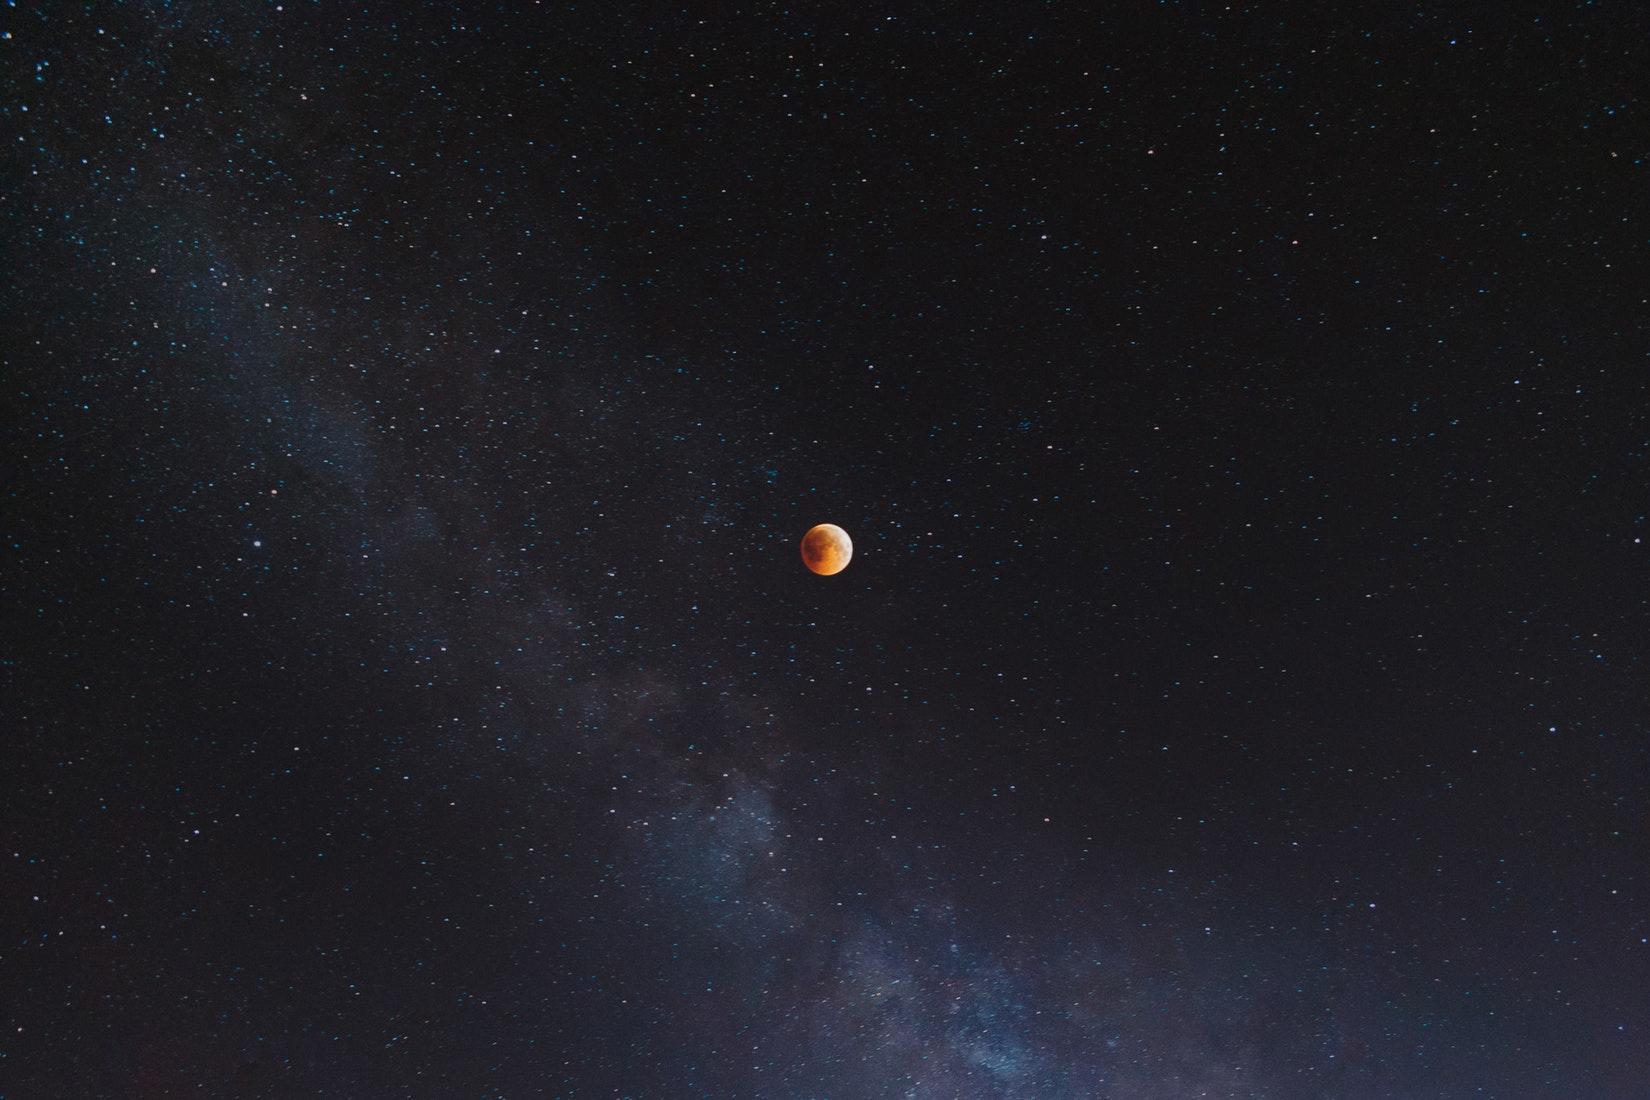 El fin del universo es una posibilidad real, de hecho, es un escenario científico contemplado